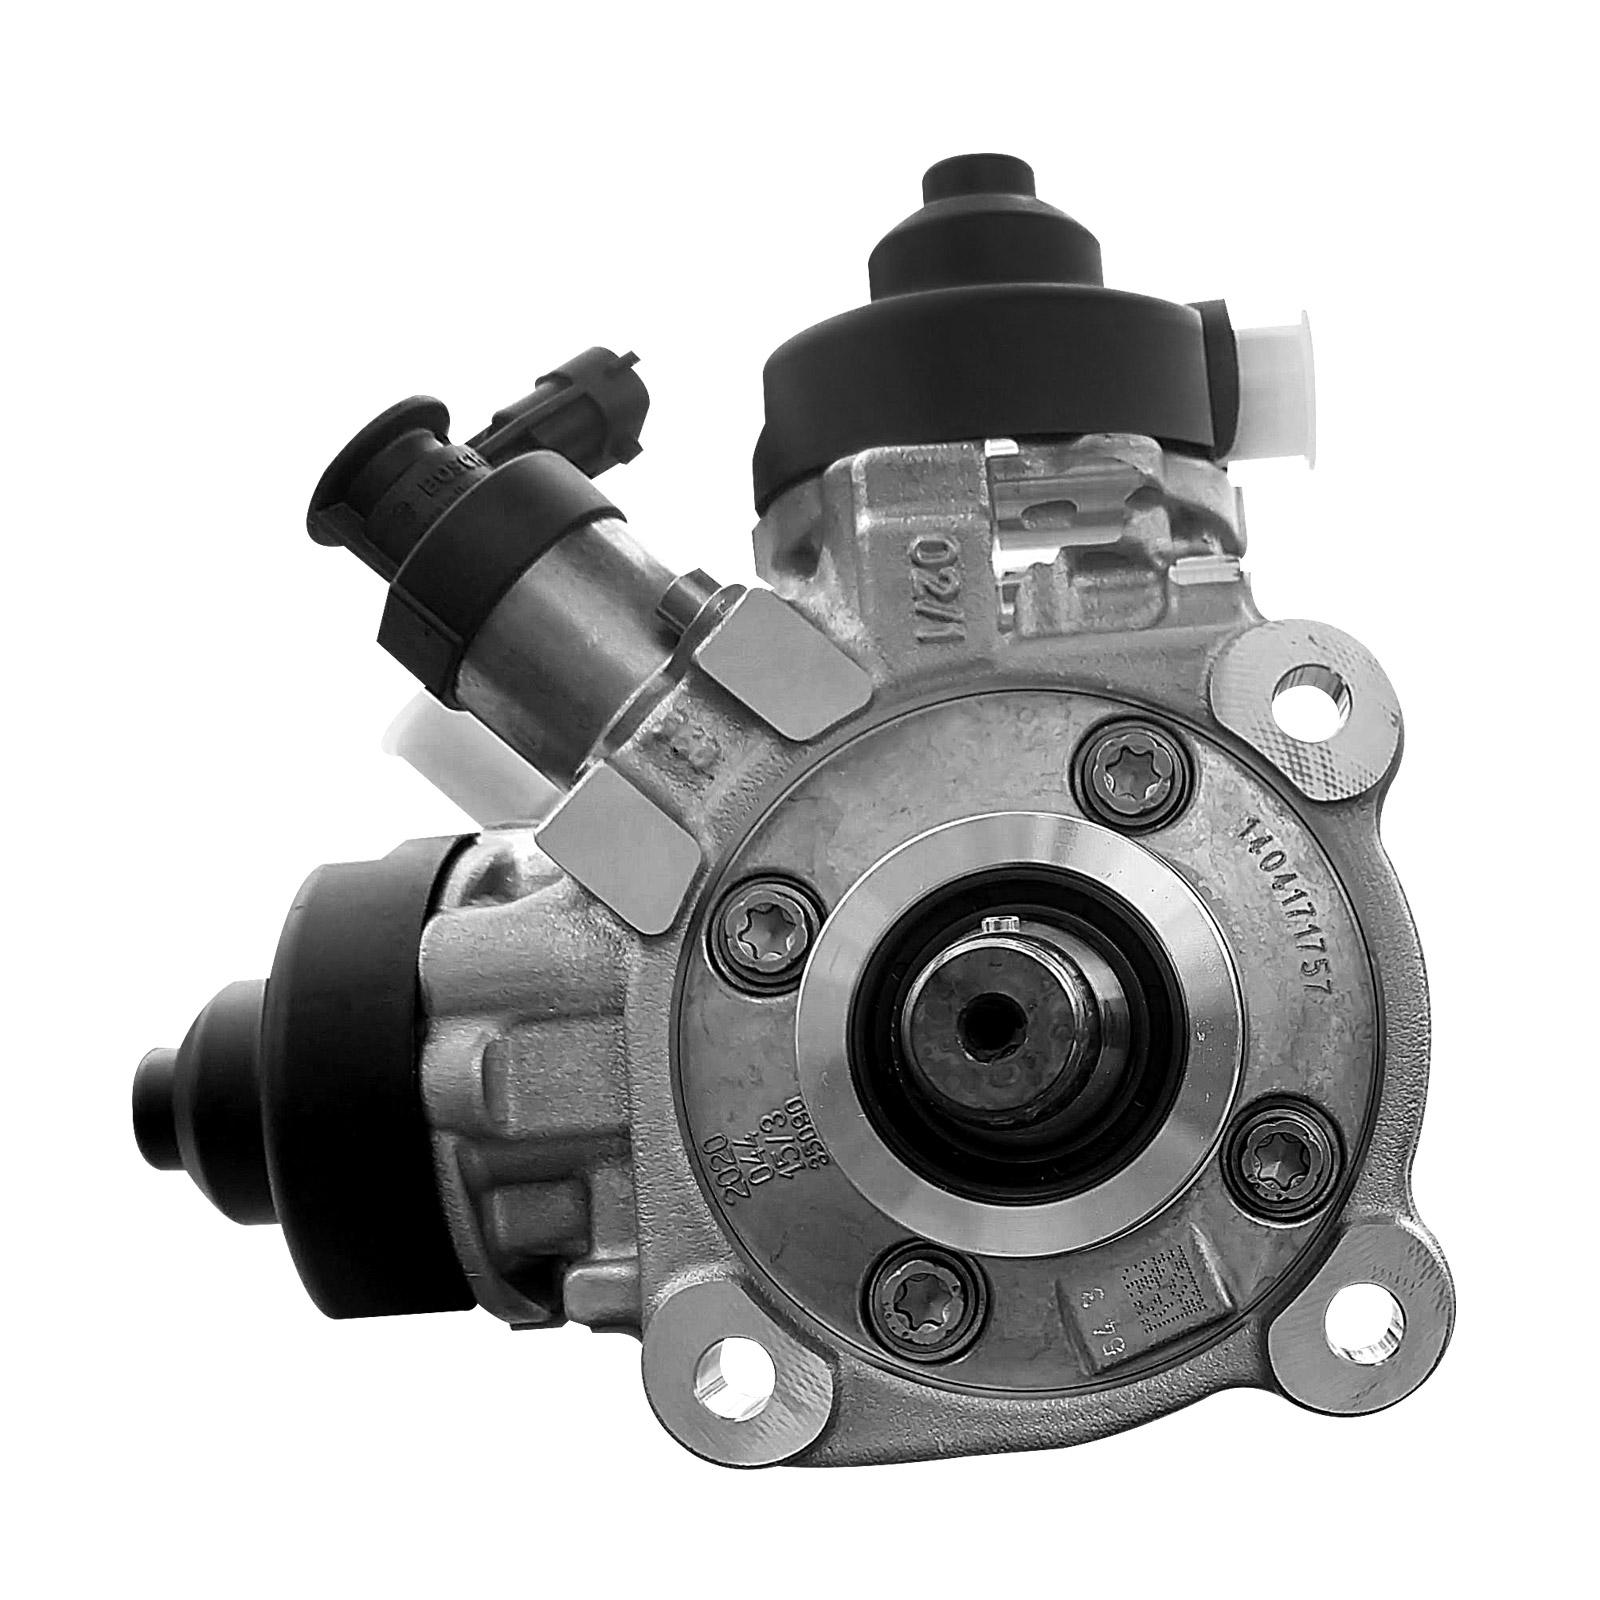 Bomba de Alta Pressão Amarok 3.0 V6 TDI Ano 2017 a 2021 Euro V Nova Original Bosch